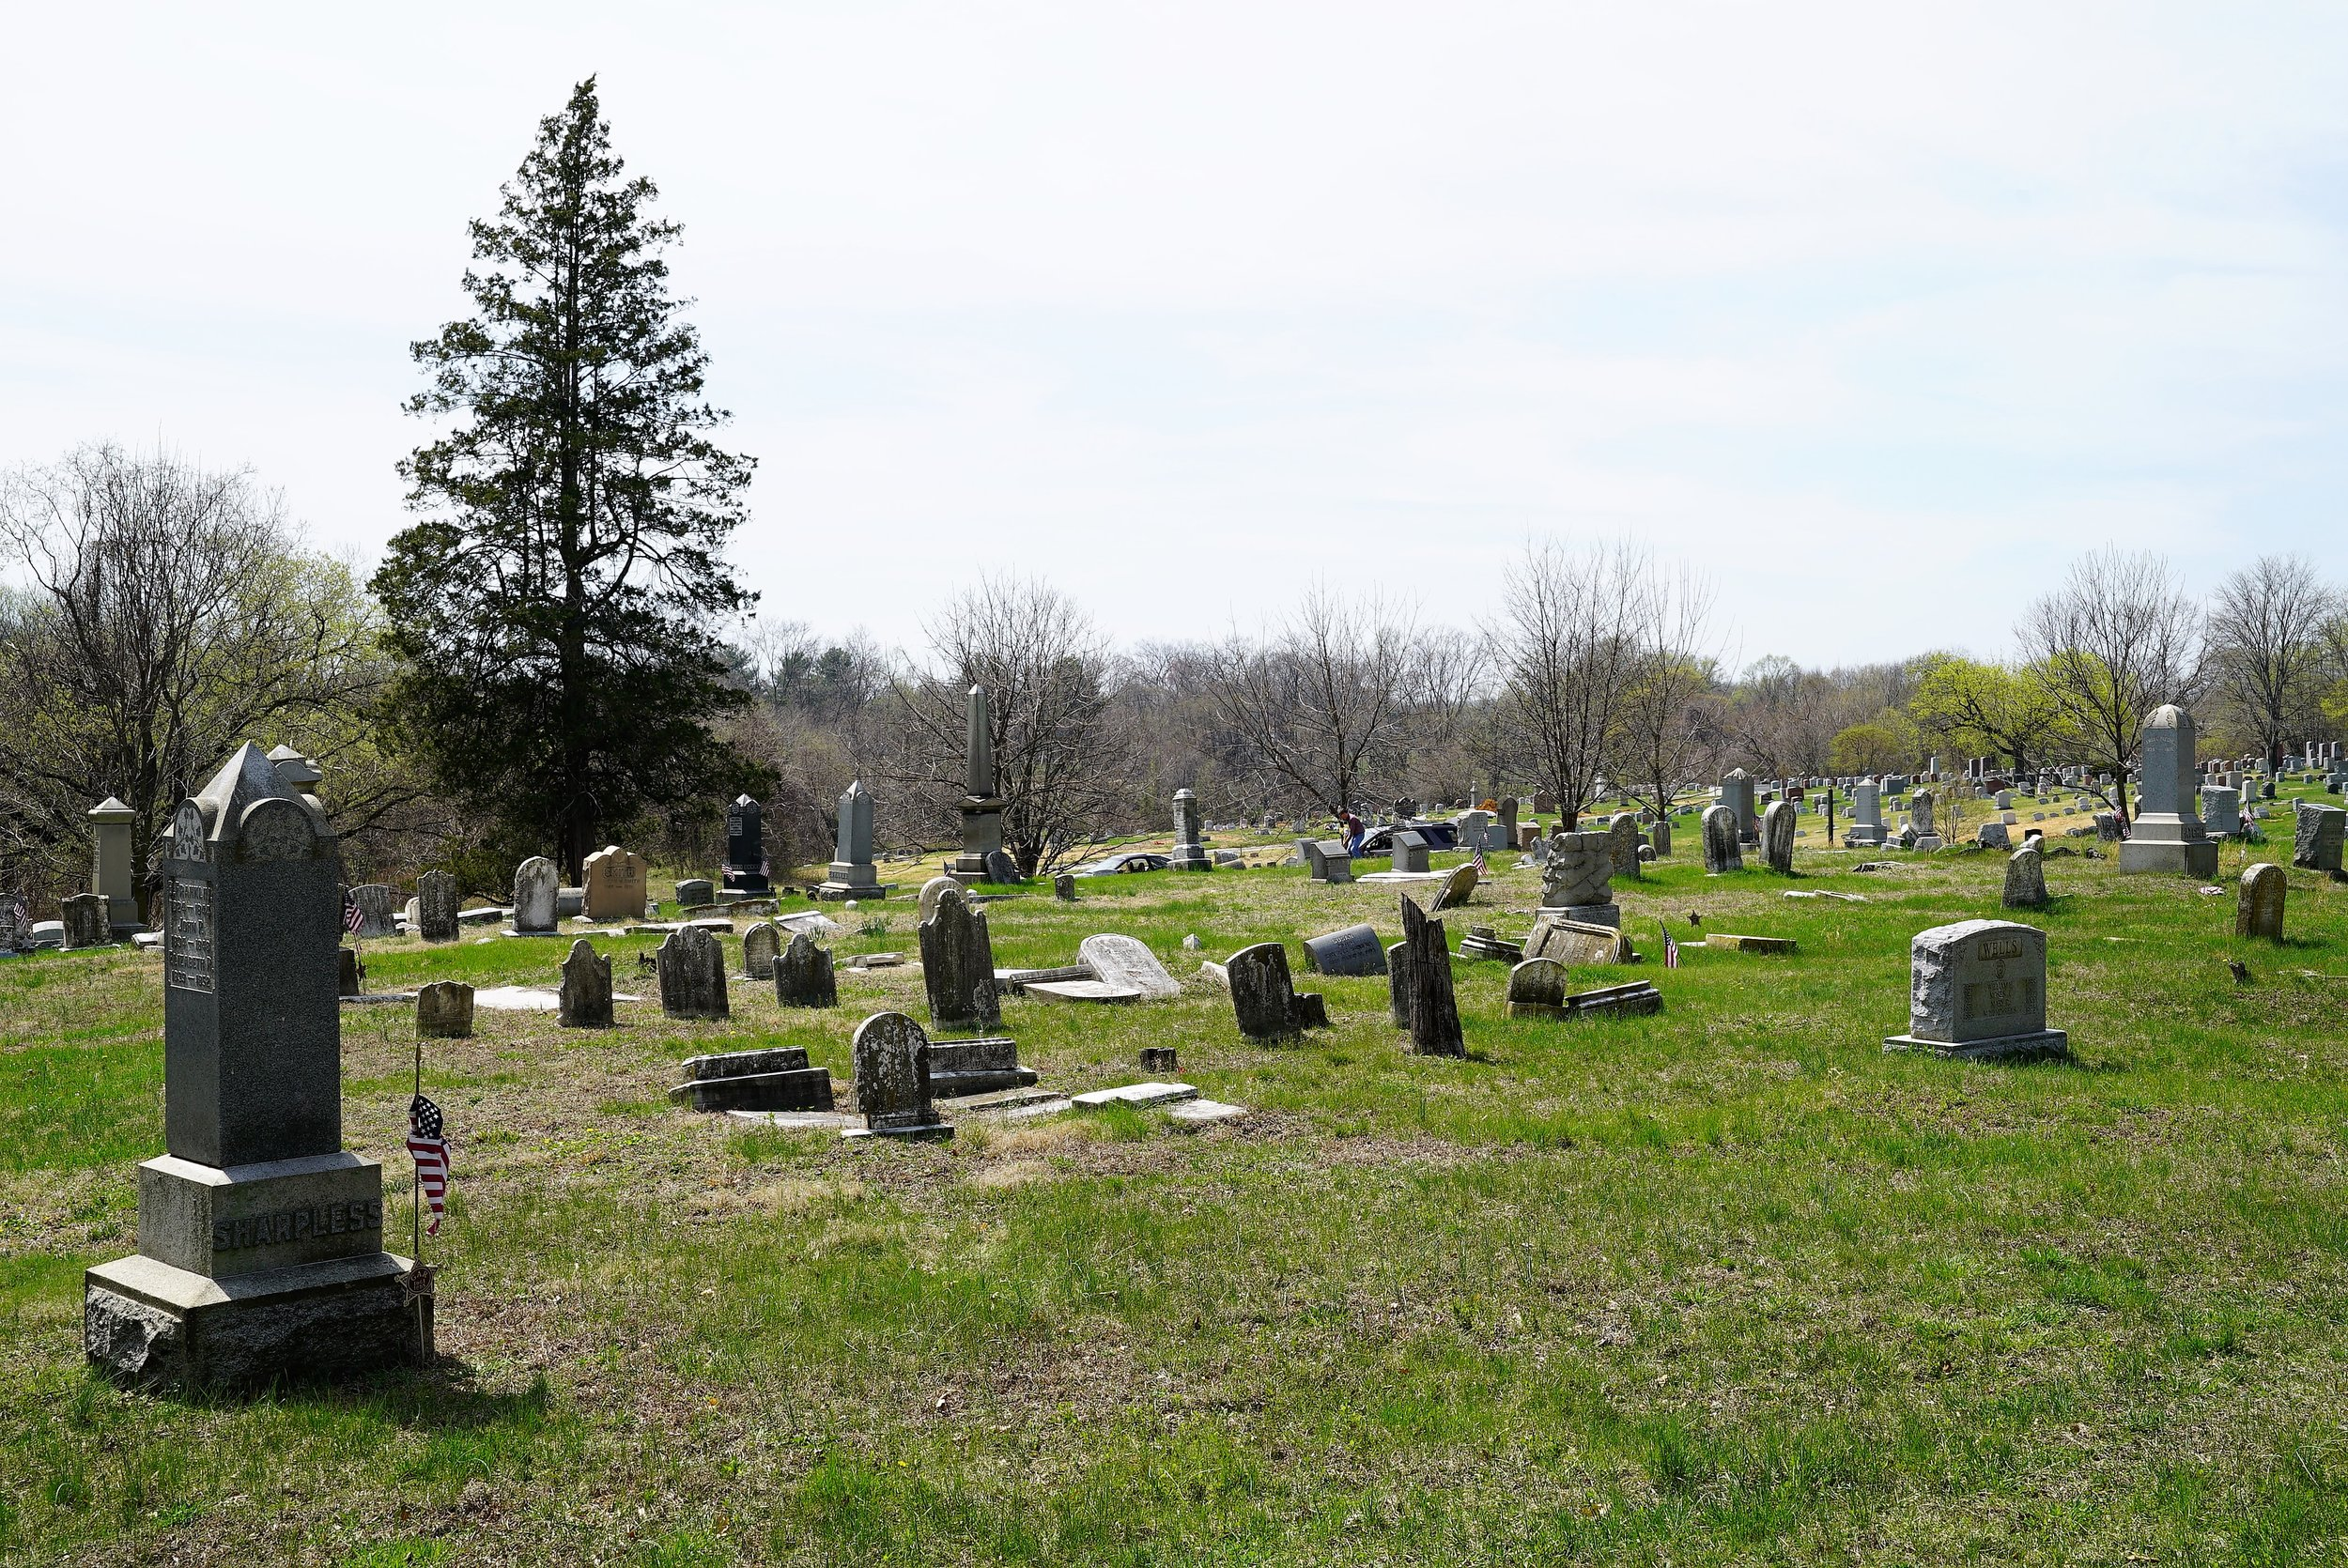 Darby Methodist Meeting Cemetery. Collingdale, PA.